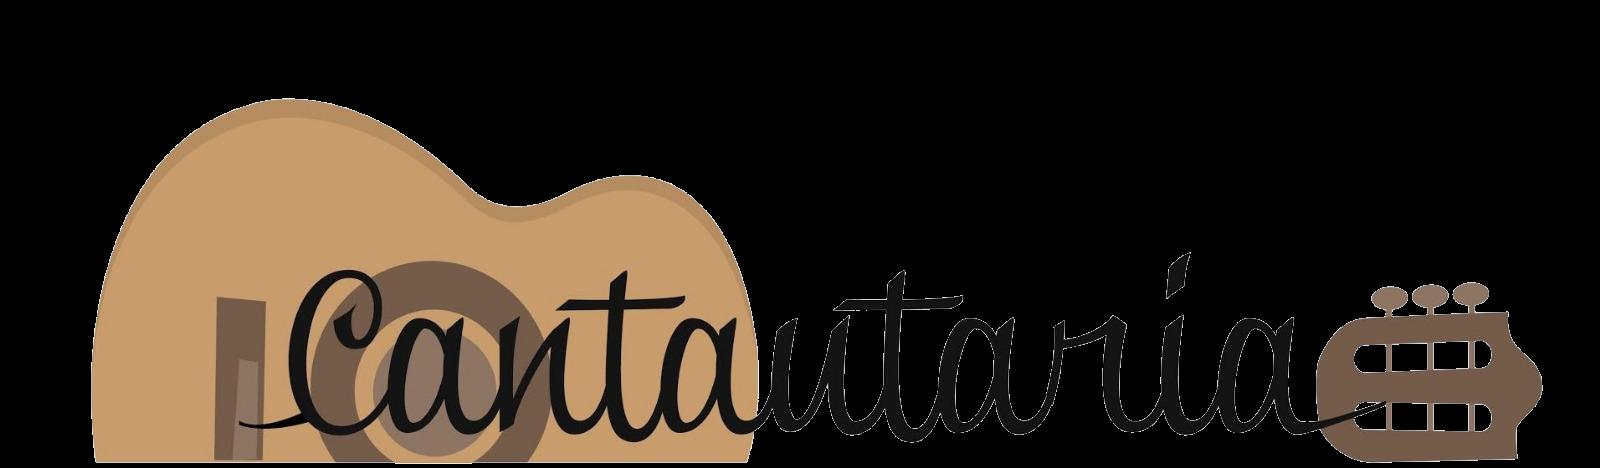 CANTAUTARIA LOGO